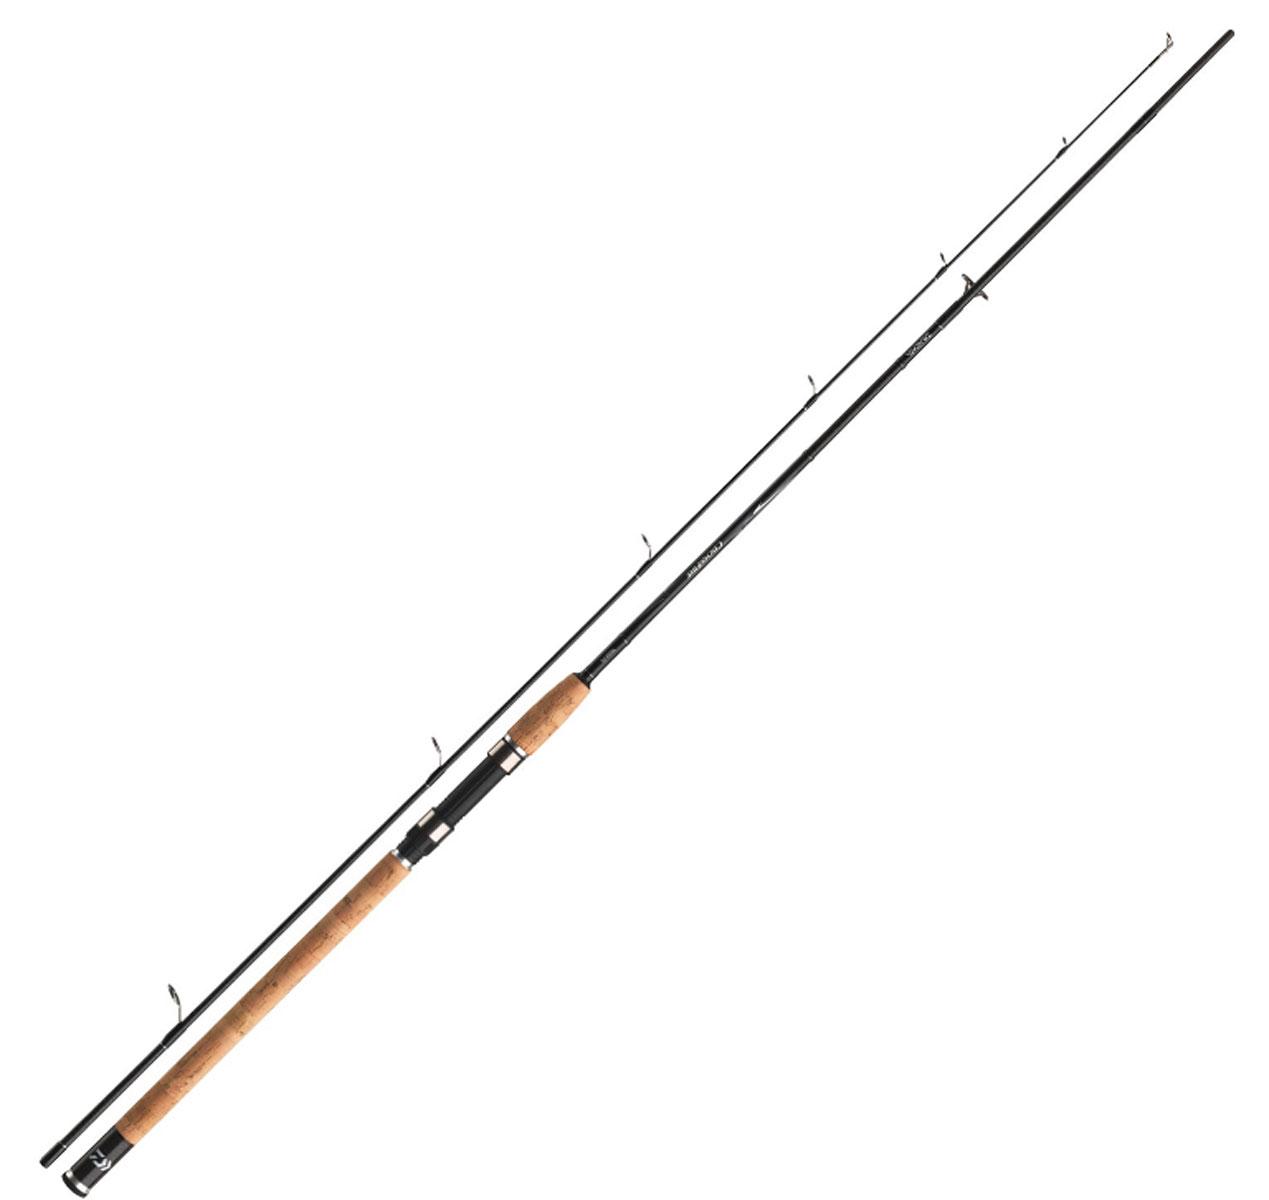 Спиннинг штекерный Daiwa Crossfire CF902MFS-AD 2,70м (15-40г)BP-001 BKСерия Crossfire убедительна во всех своих характеристиках. Широкая линейка продукции с различными тестами и длиной дает возможность выбрать спиннинг для любых техник ловли. Crossfire идеально сбалансирован и, благодаря своему жесткому строю (начиная от теста 40г), прекрасно подходит для ловли на мягкие приманки. Спиннинги с тестом менее 40г не такие жесткие, поэтому хорошо подходят для ловли на блесны и т.д. Бланки премиум качества из плетеного графитового волокна демонстрируют великолепное соотношение цены и качества. Проверьте сами! Оснащены кольцами из оксида титана, пробковой рукояткой, чувствительным бланком из графитового волокна. Поставляется в транспортировочном тубусе.